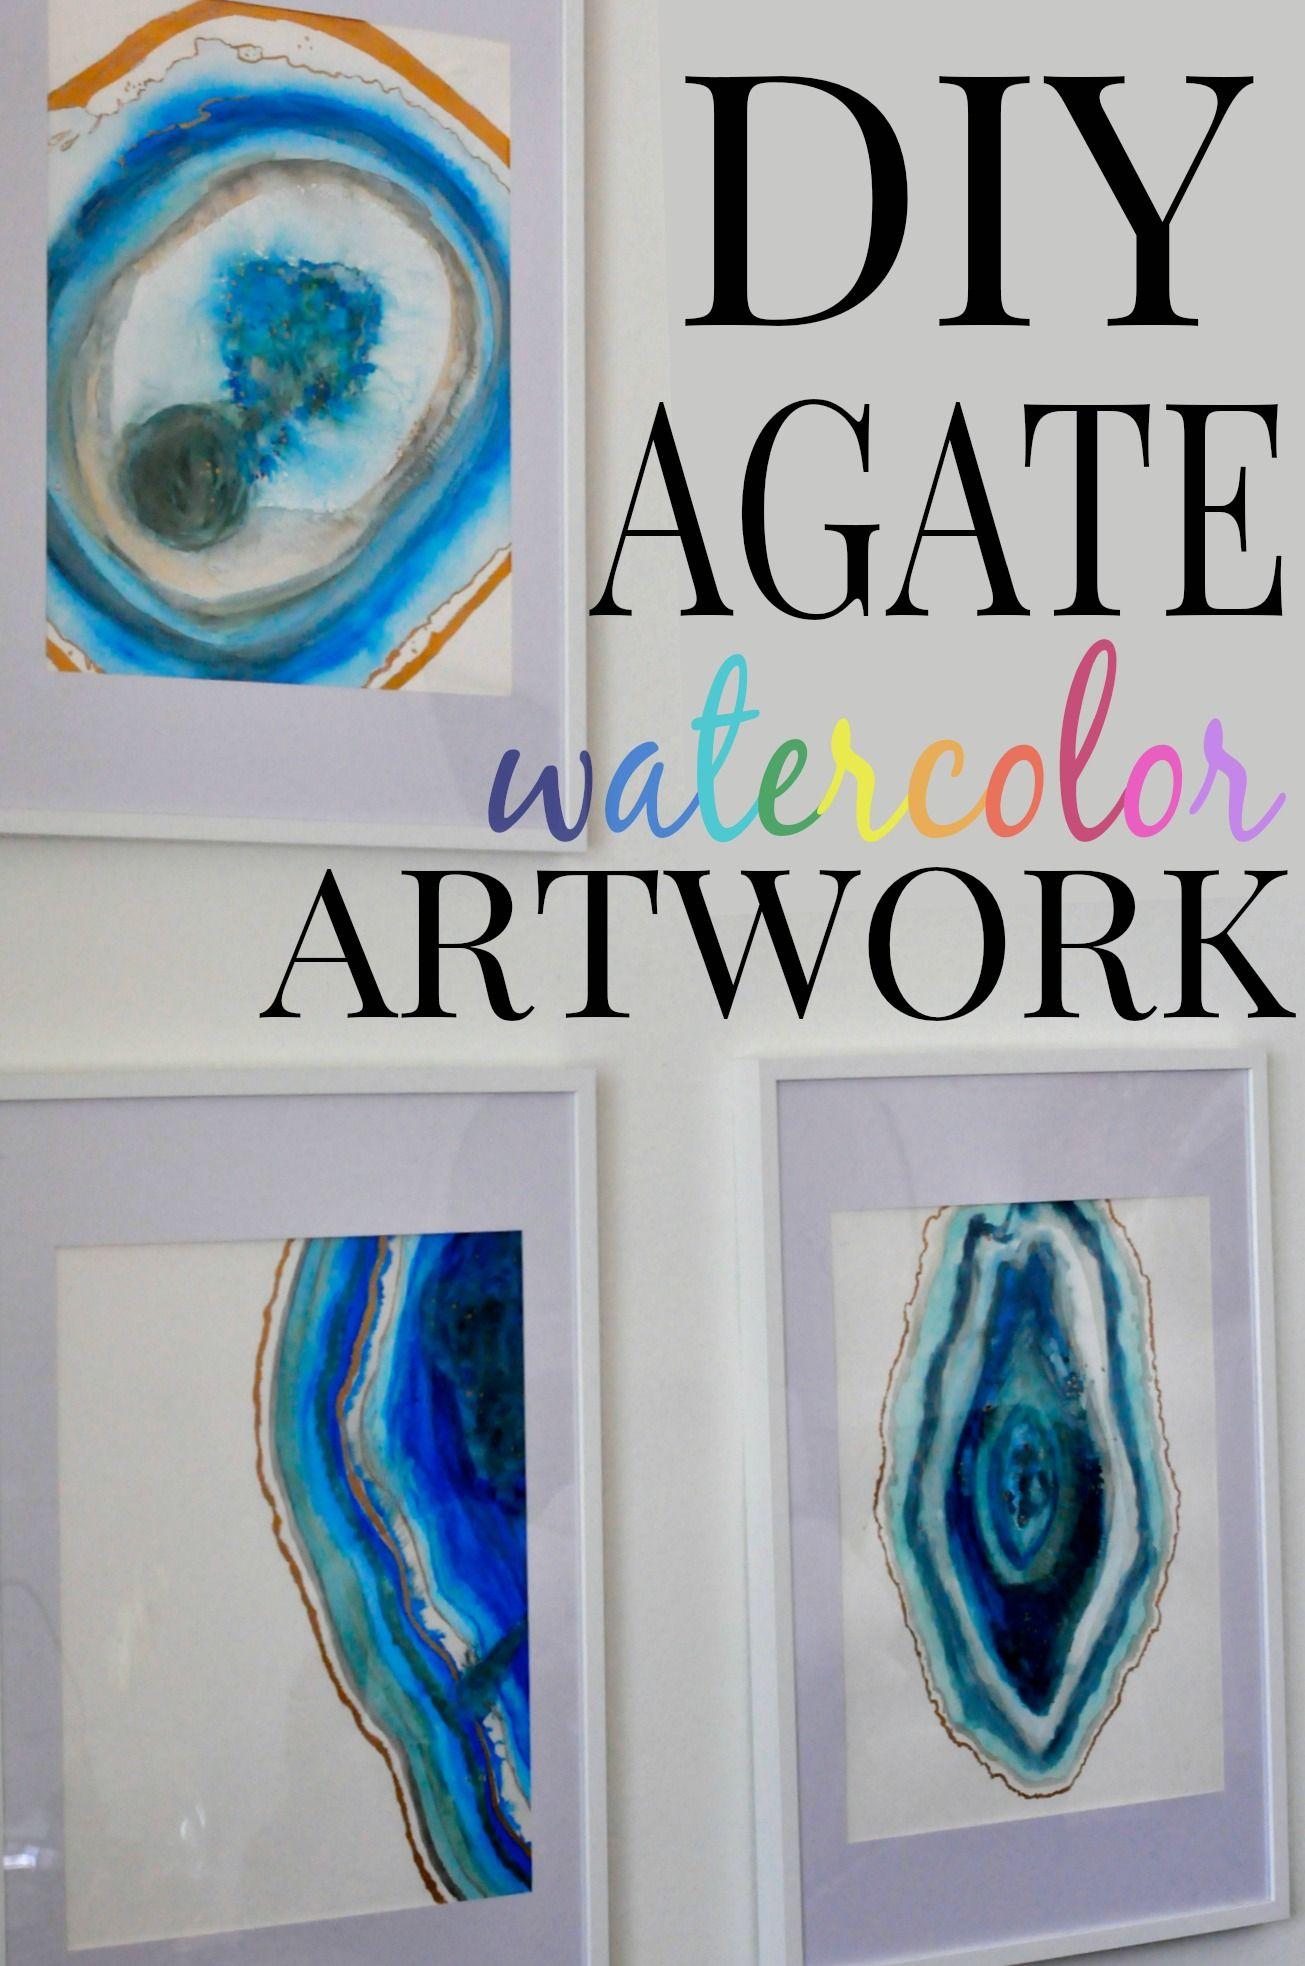 1305x1966 Diy Agate Watercolor Artwork Watercolor Artwork